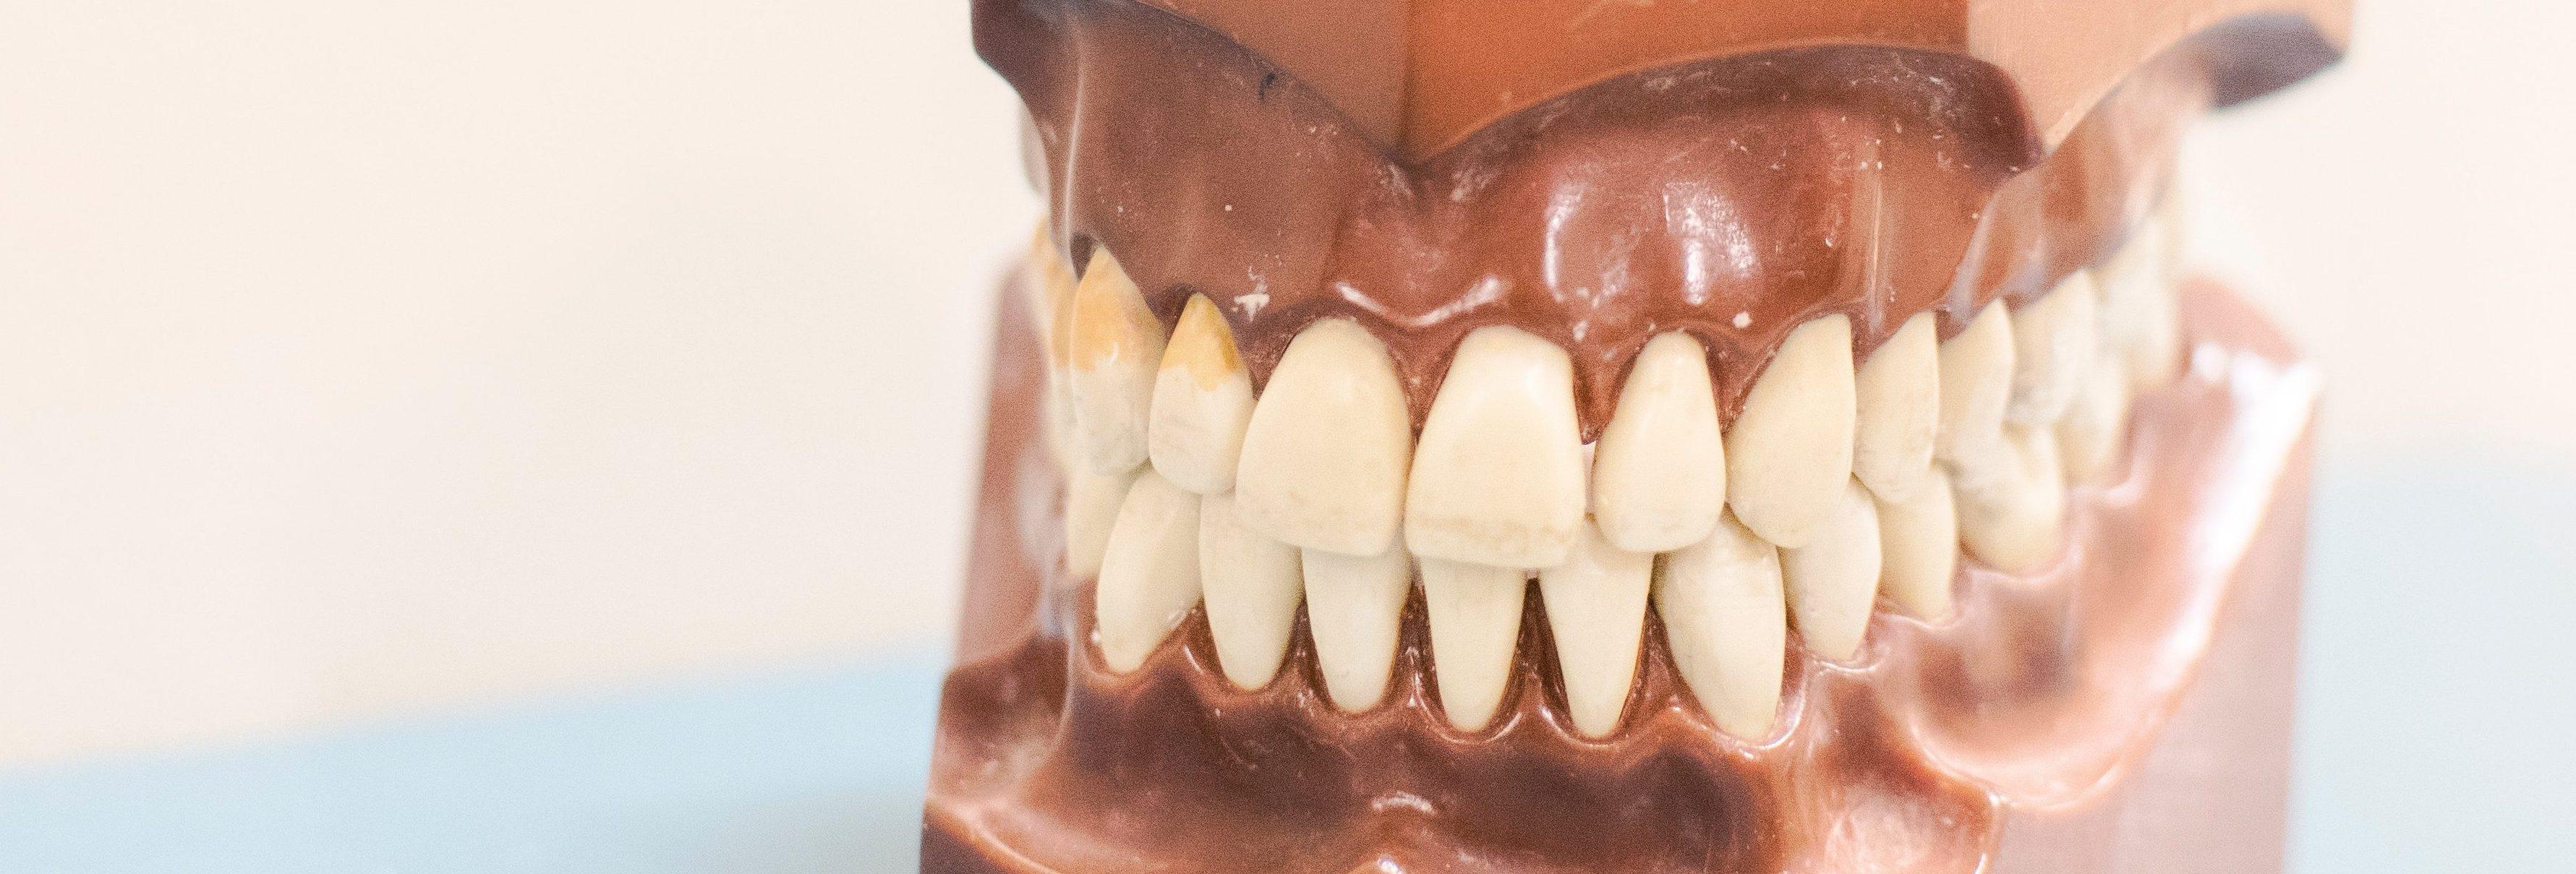 Tandvleesbehandeling